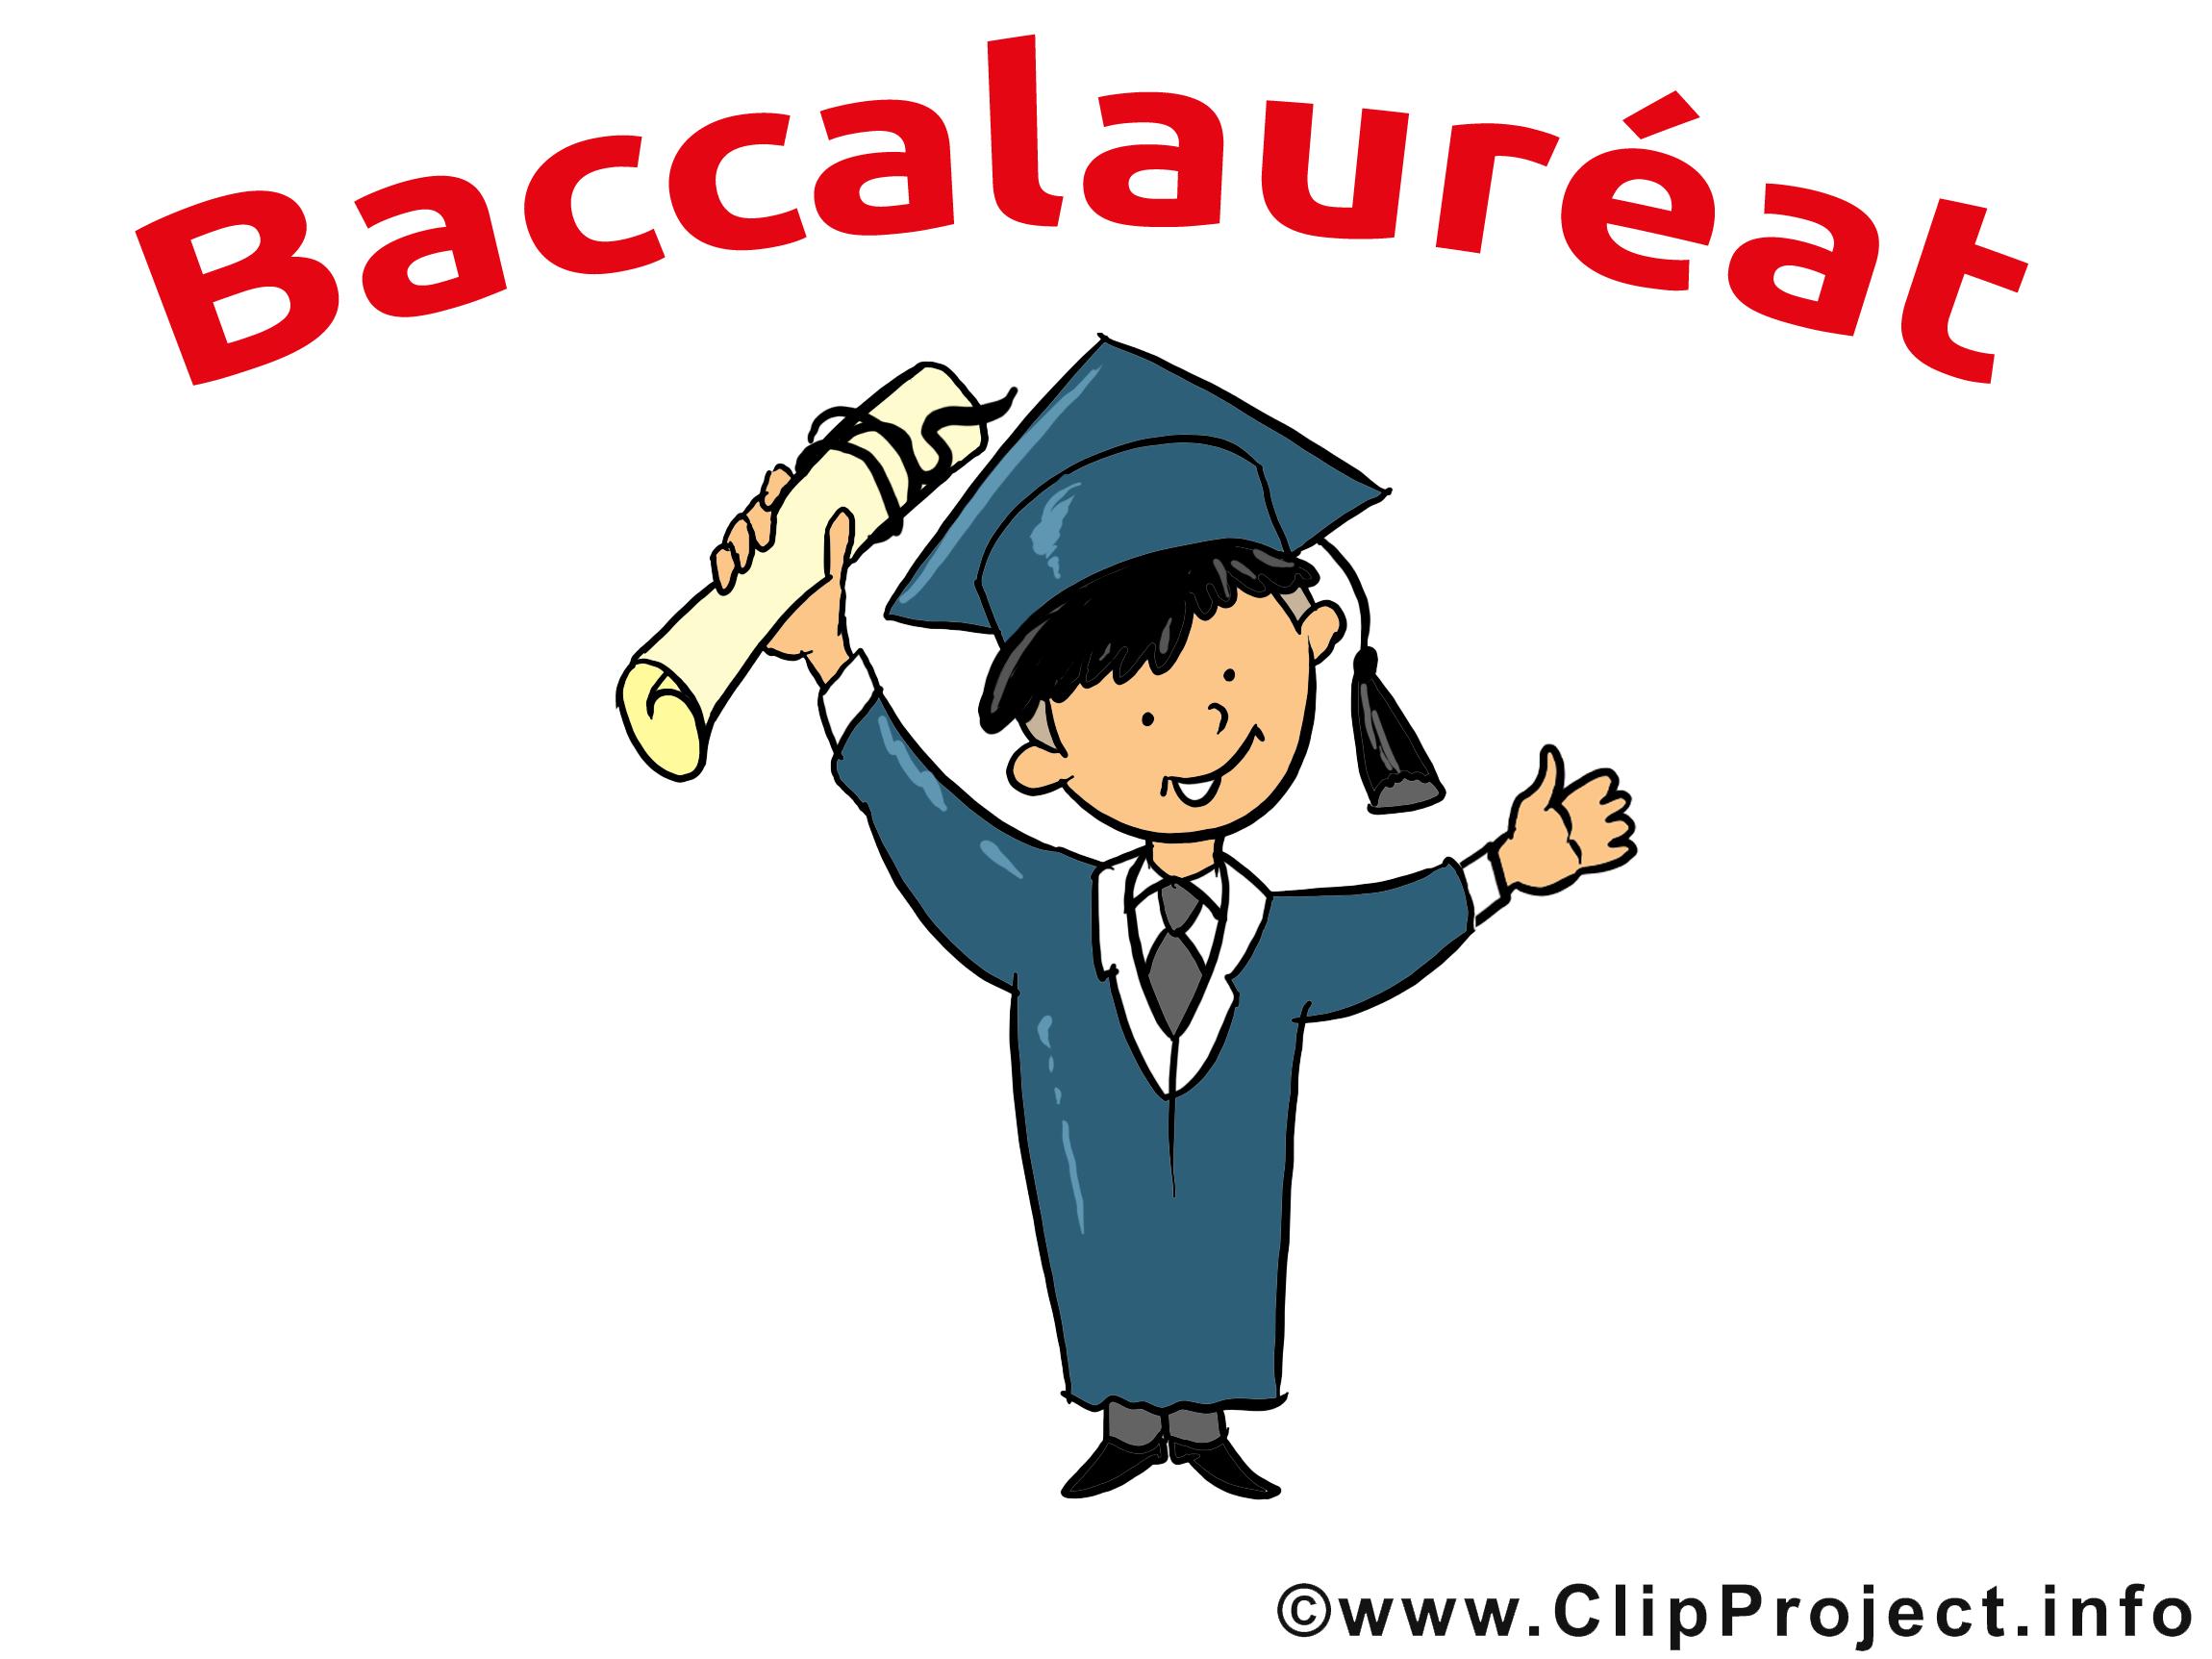 Cliparts gratuis baccalauréat images